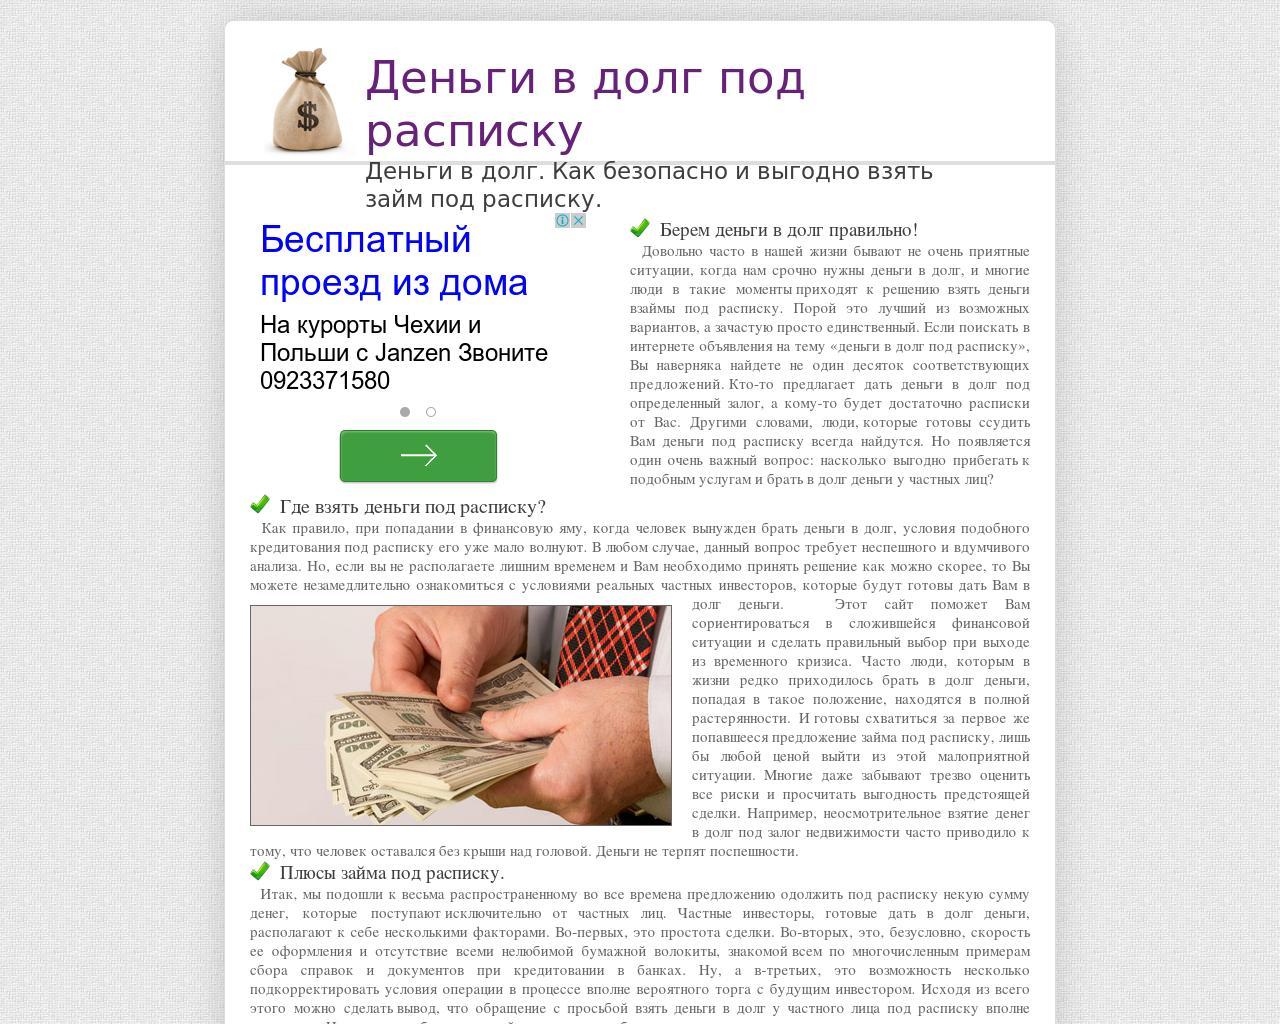 Кто может дать деньги в долг под расписку зря